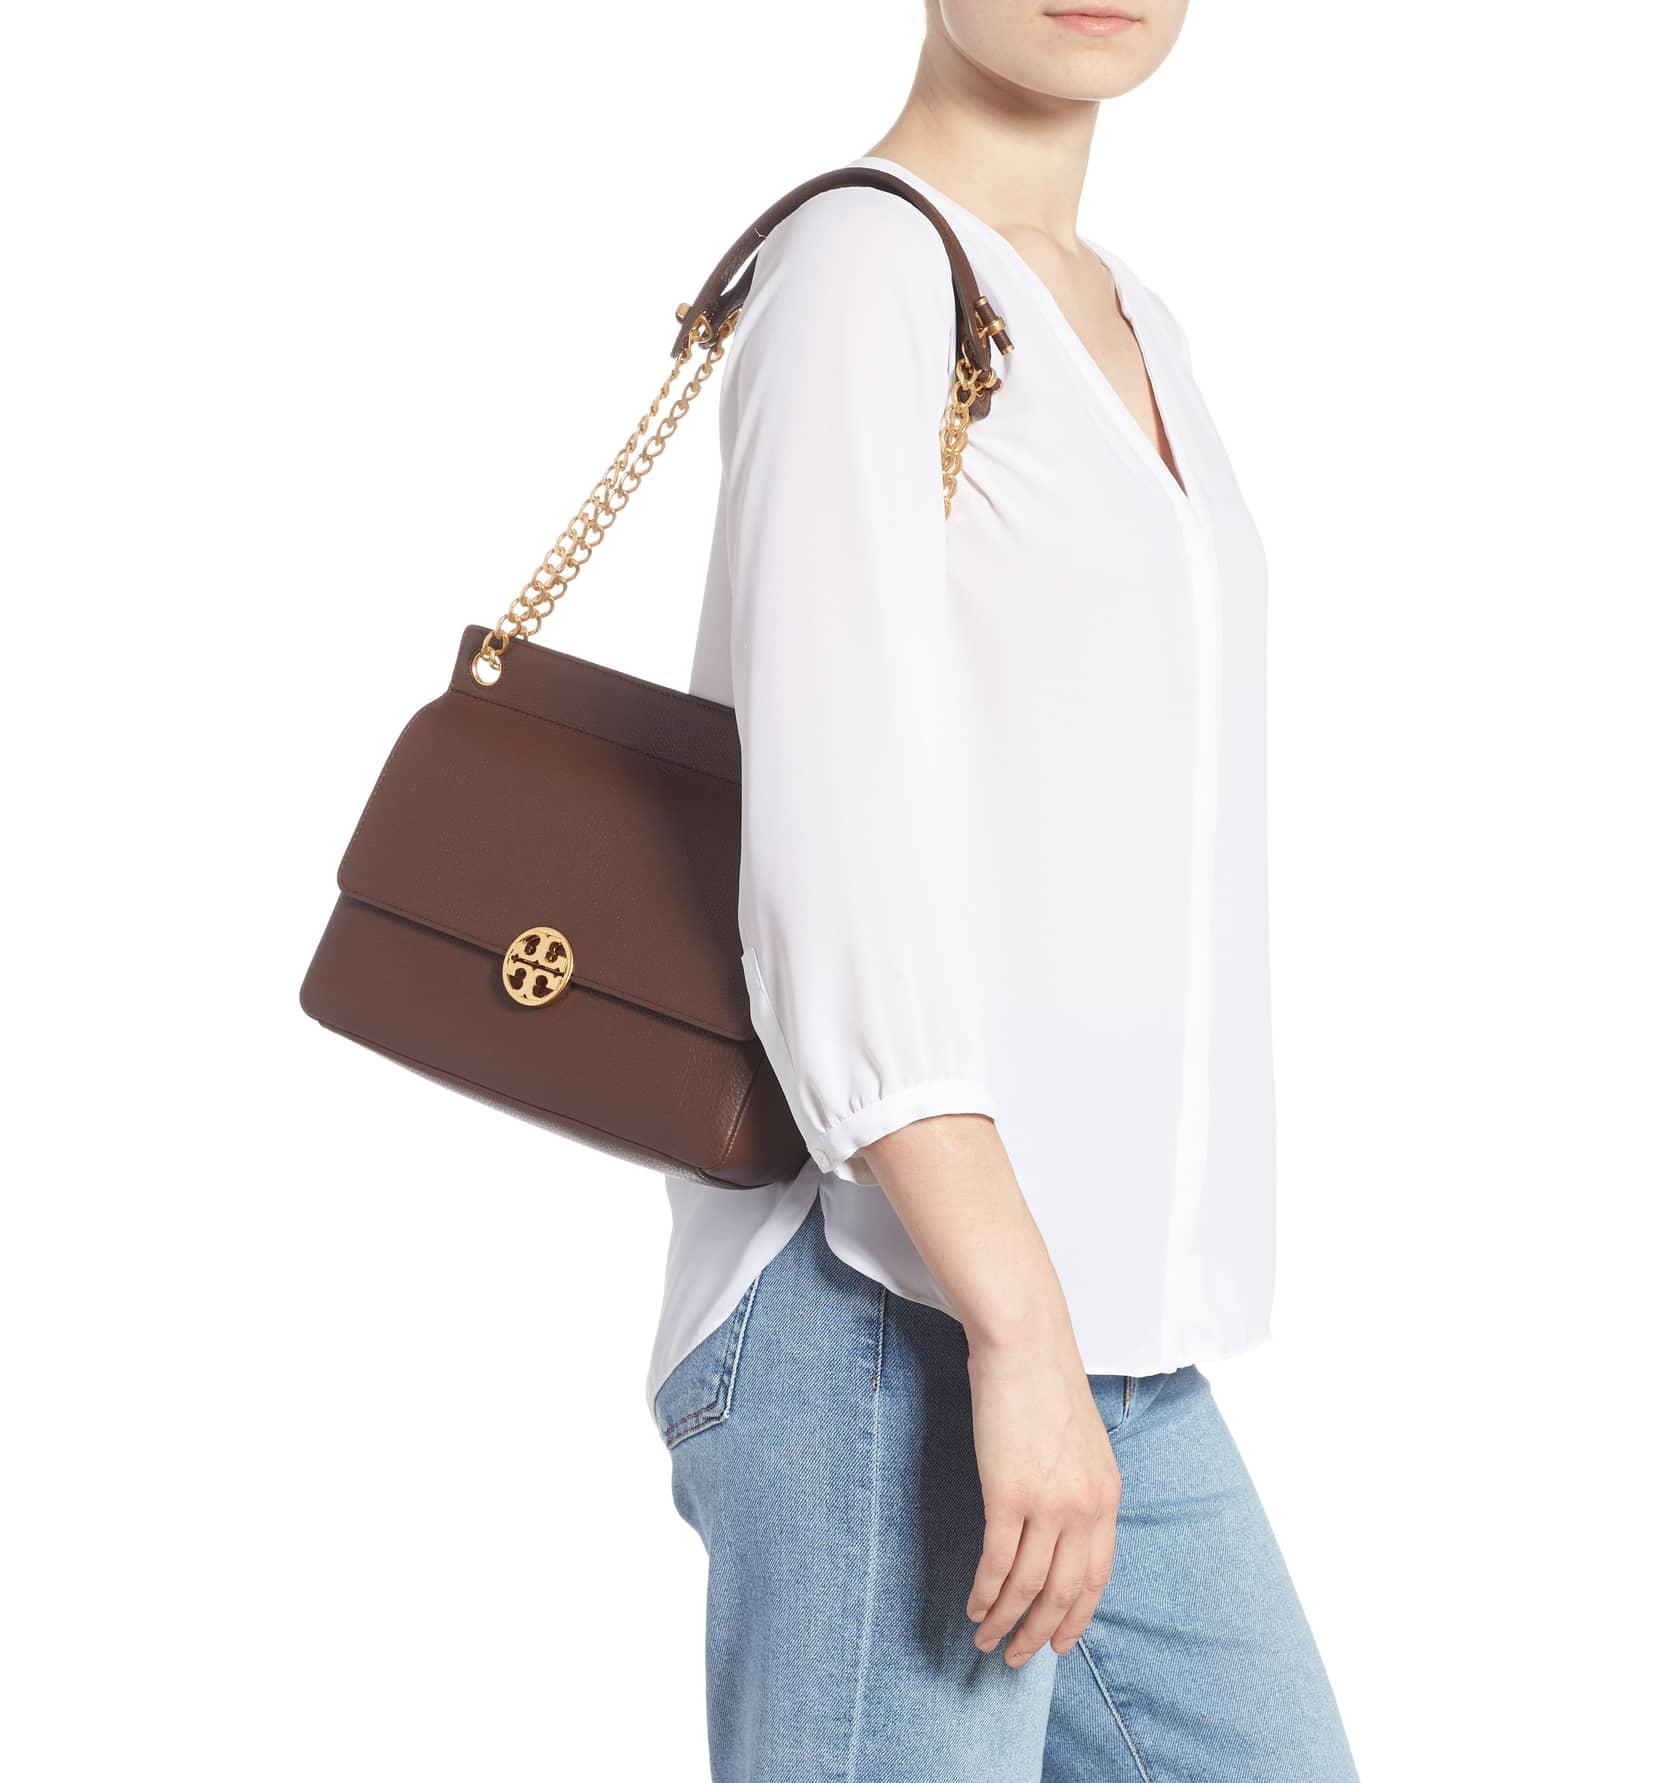 tory burch chelsea flap shoulder bag in brown on a model's shoulder